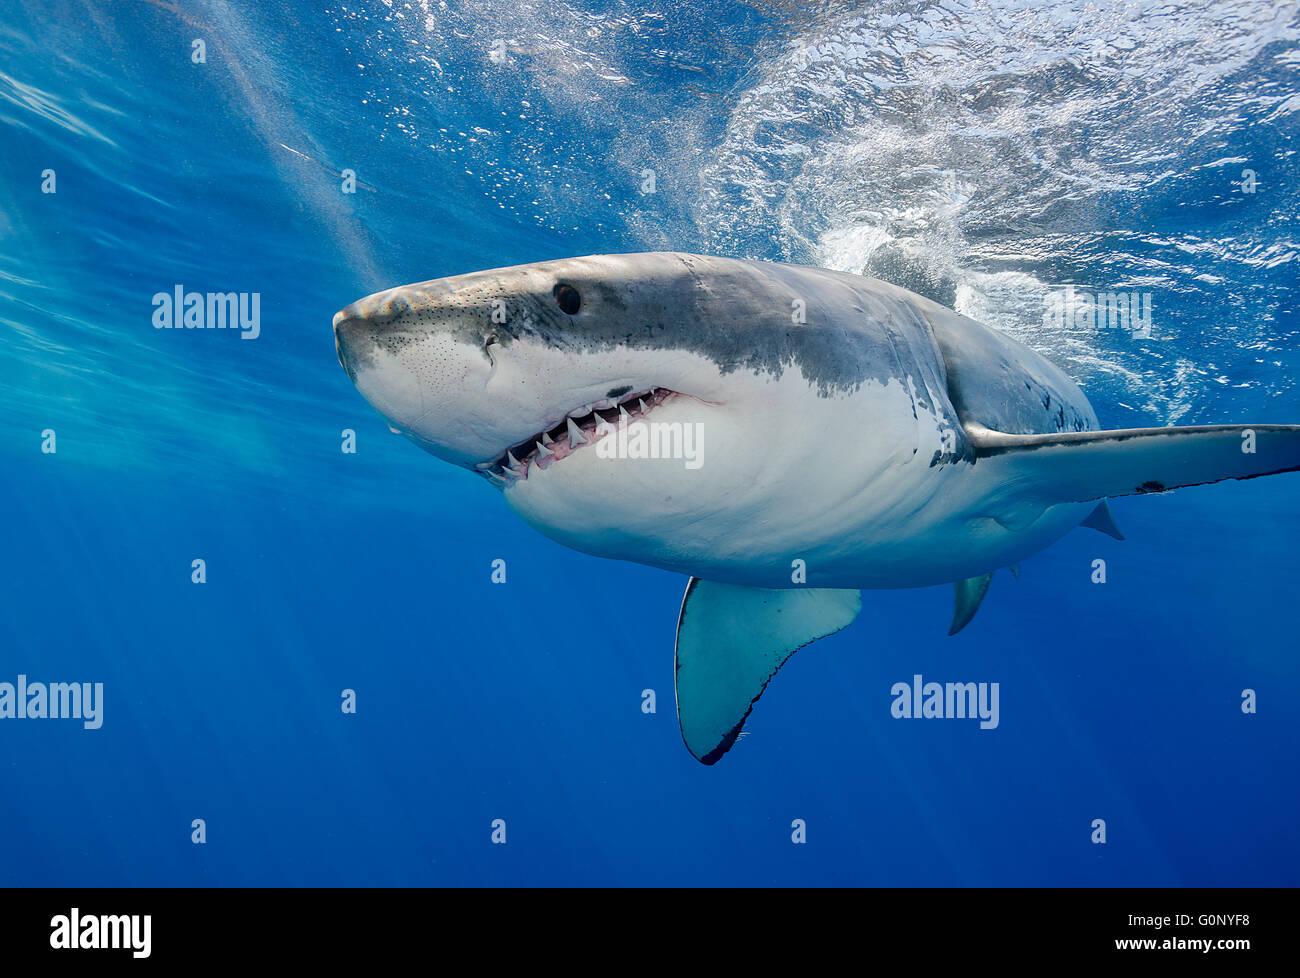 Grand requin blanc au sous-marin de l'île Guadalupe, Mexique Photo Stock